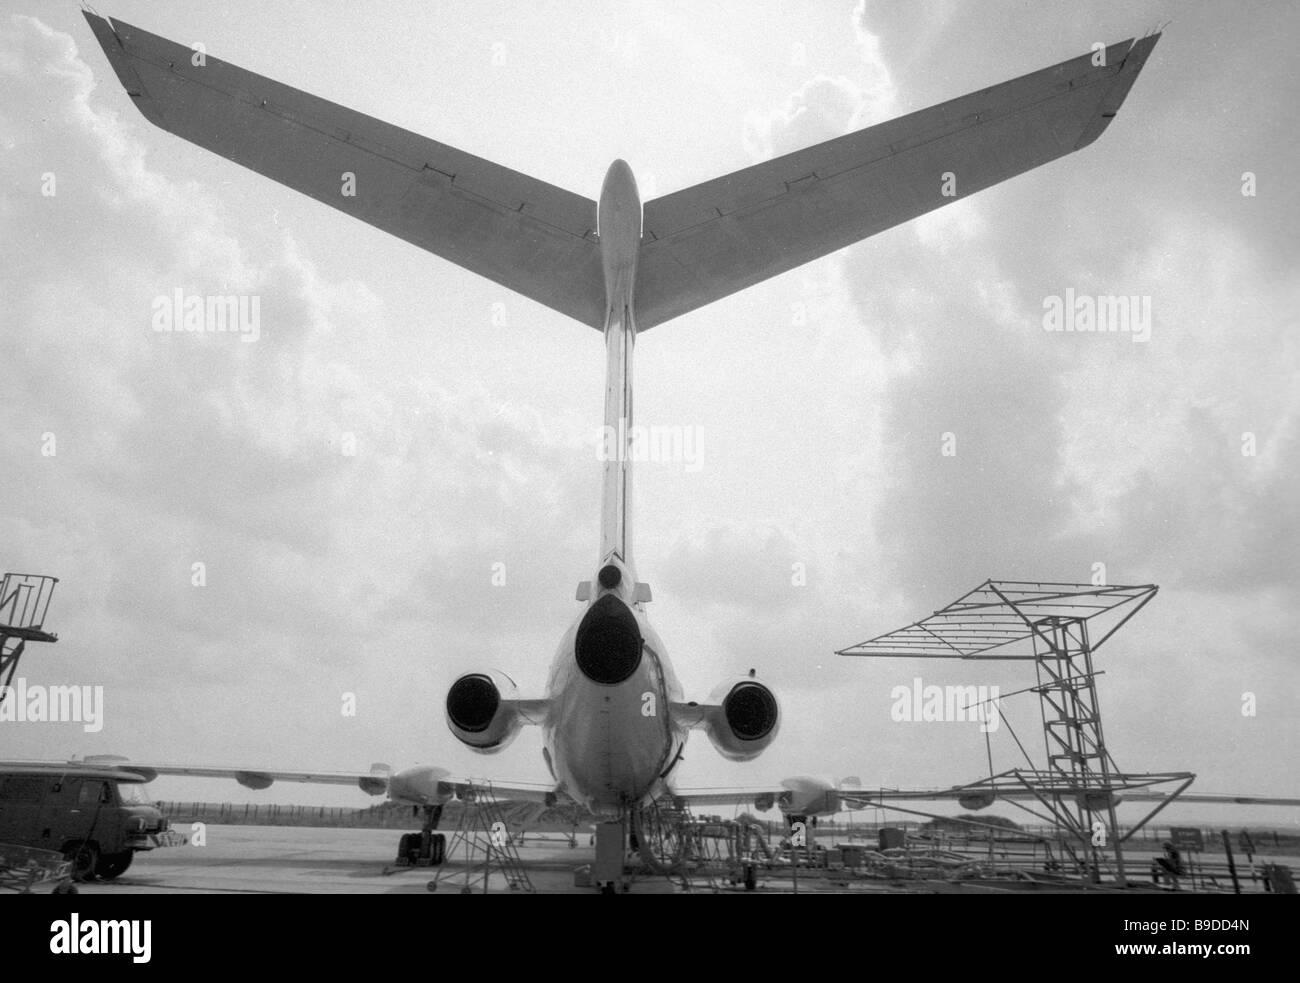 The Tupolev Tu 155 operates on cryogenic fuel - Stock Image